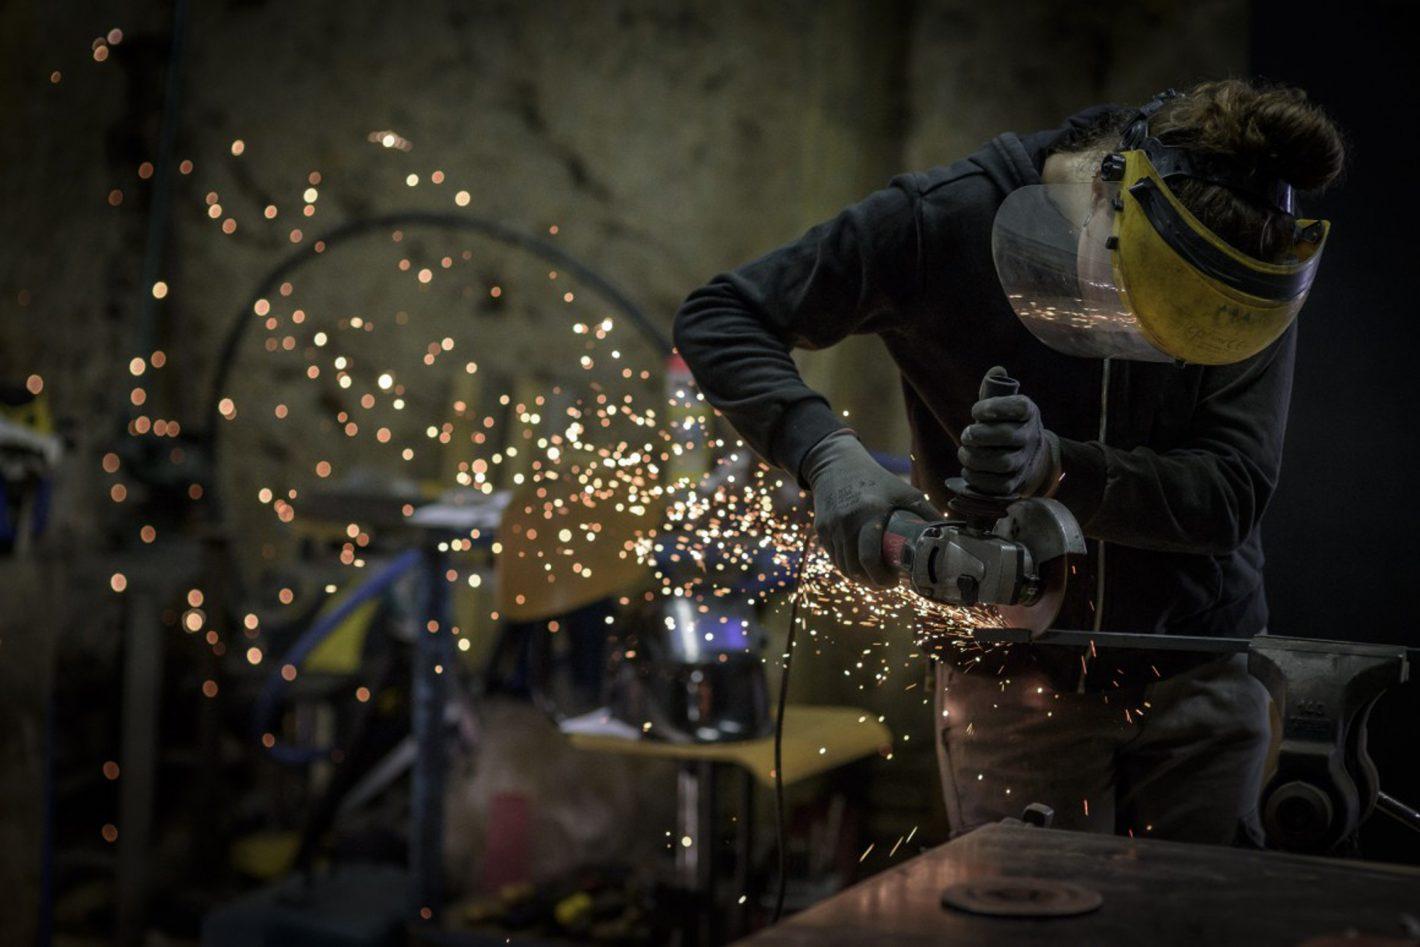 Clotilde AUDROING PHILIPPE - A 25 ans, Manuela a choisi le métier de métallier. Un choix ambitieux pour une femme dans un milieu très masculin. Une femme passionnée et, par là même, engagée à faire évoluer la société. Une femme de l'ombre, comme tant d'autres qui par leurs actions font